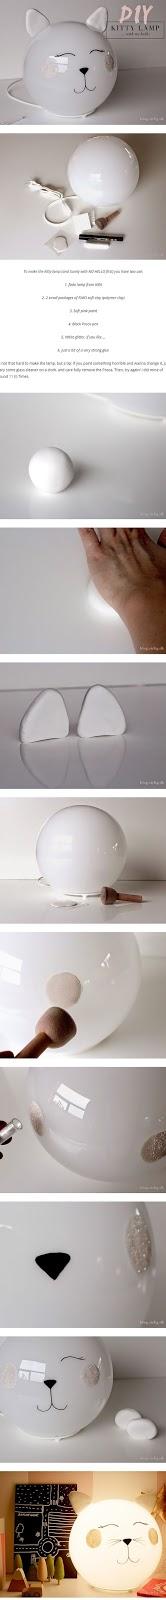 hawkers_Ikea_ideas_DIY_lolalolailo_11